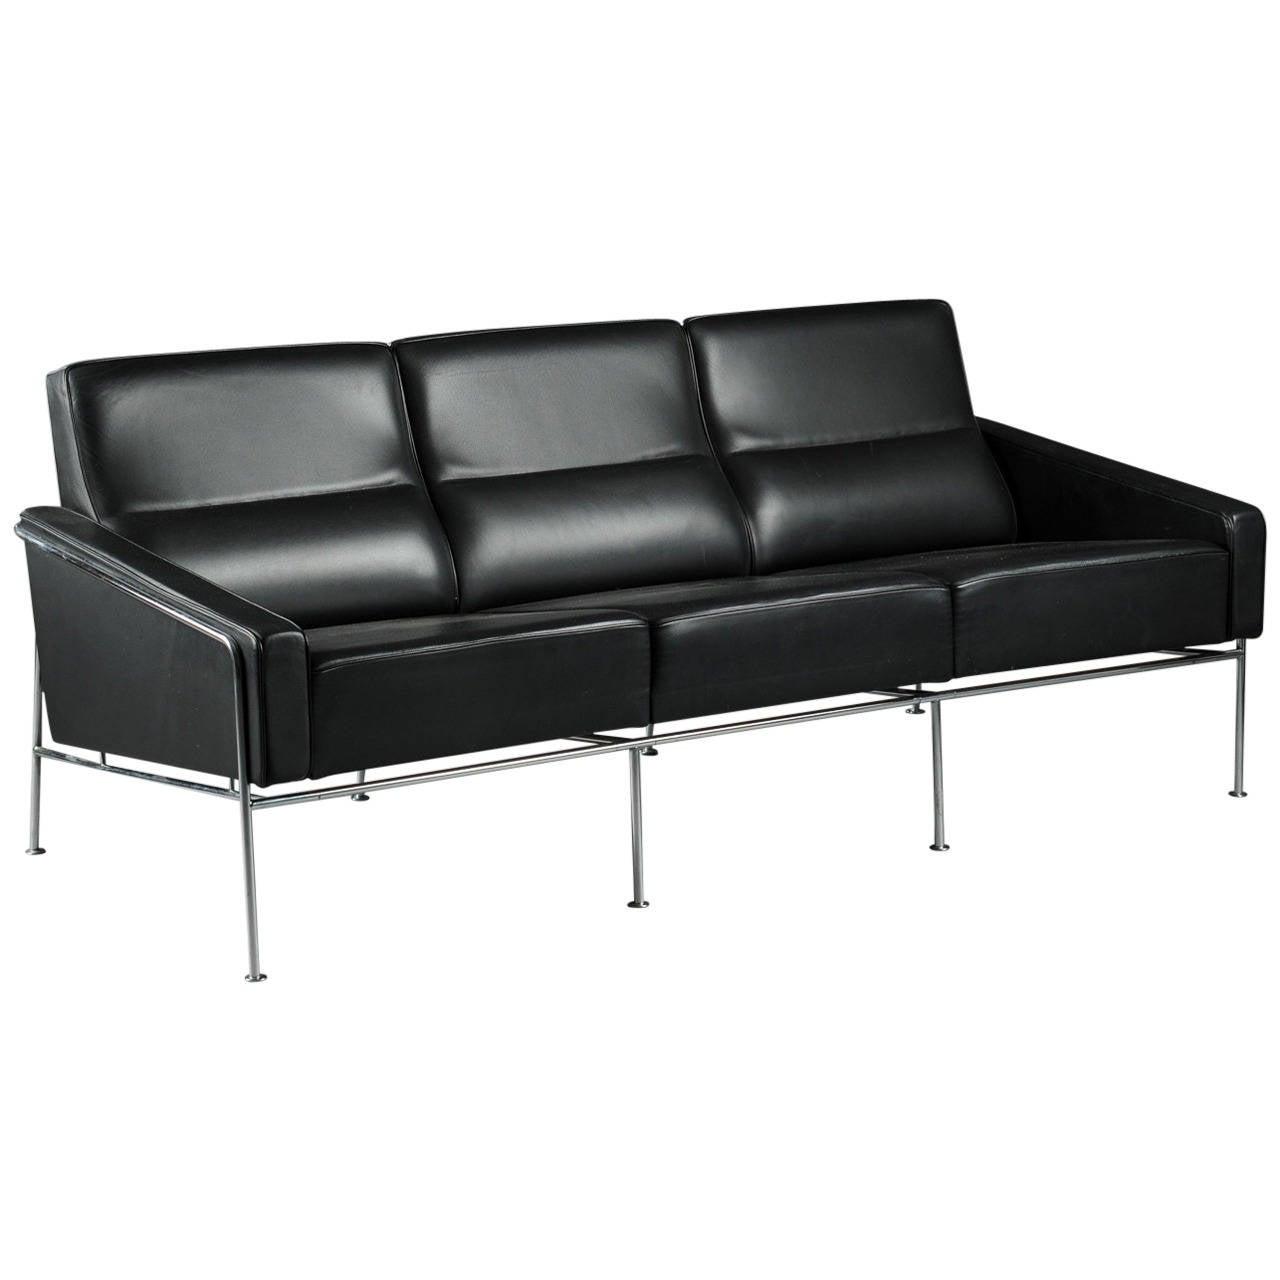 arne jacobsen 3303 lufthavn sofa fritz hansen at 1stdibs. Black Bedroom Furniture Sets. Home Design Ideas